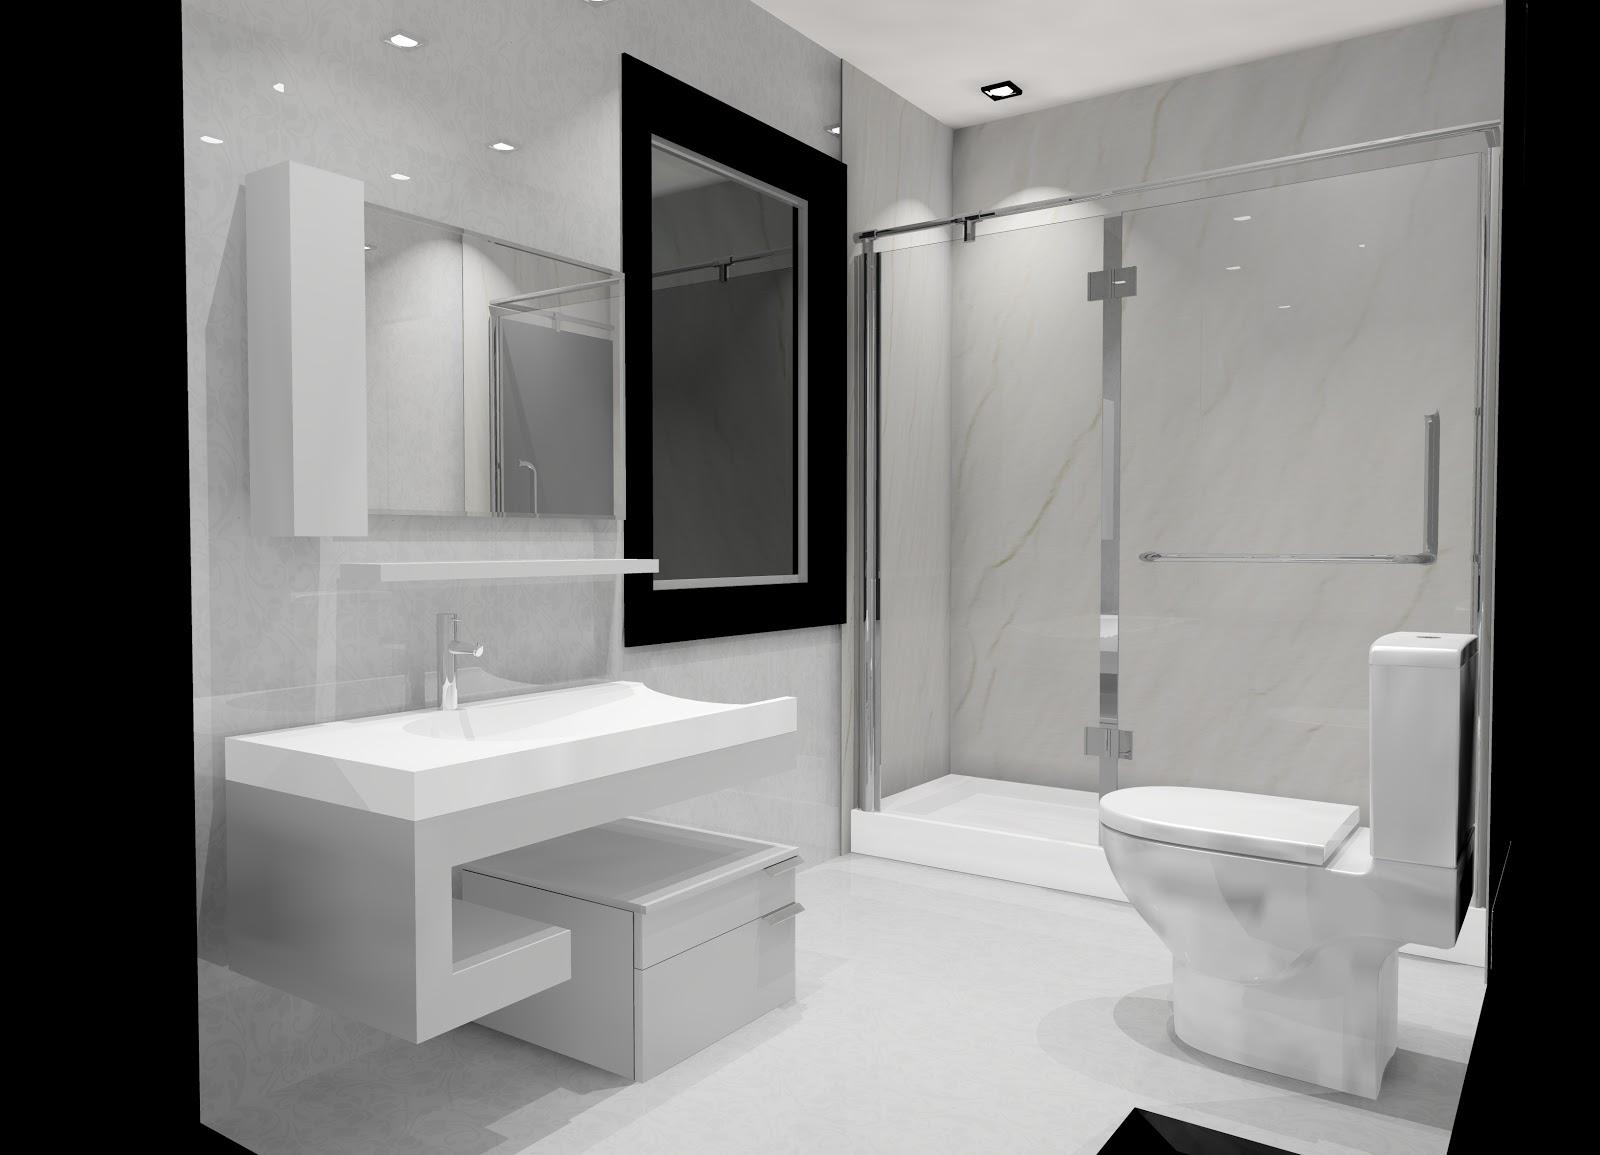 Interiores Minimalistas Ba Os Modernos Y Elegantes Of Banos Modernos - Muebles-de-bao-minimalistas